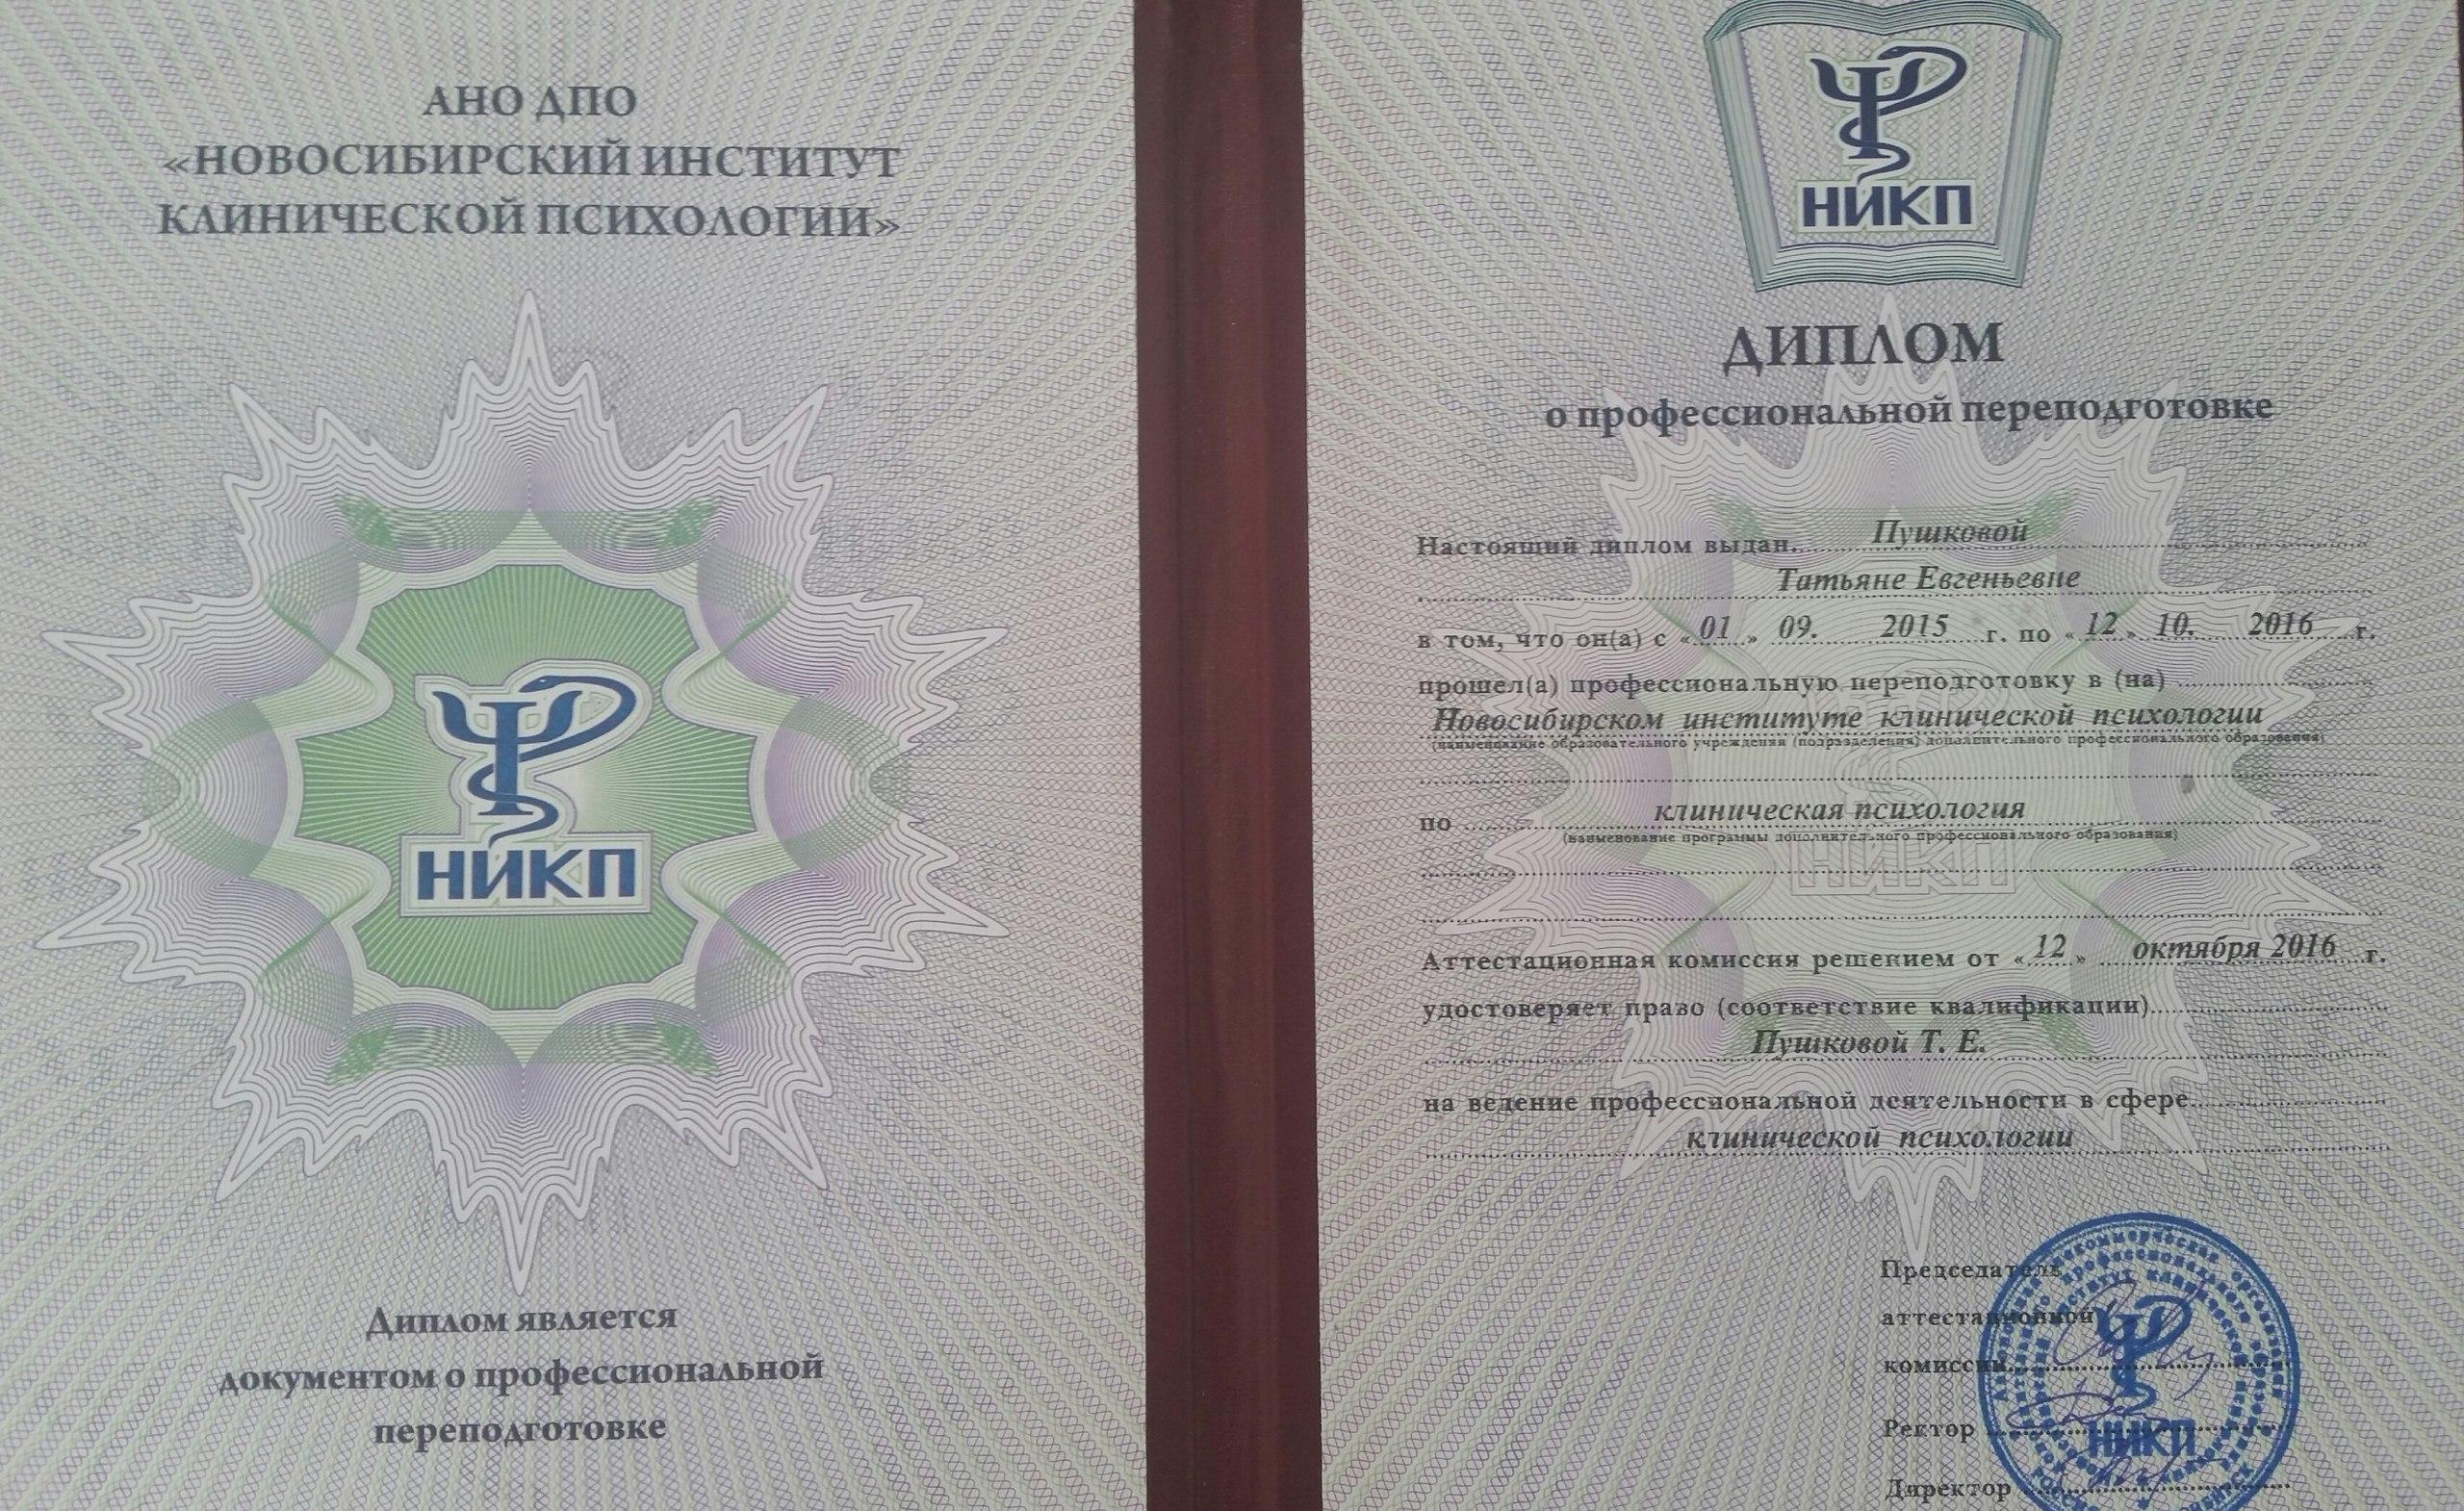 Additional professional education of Tatyana Pushkova